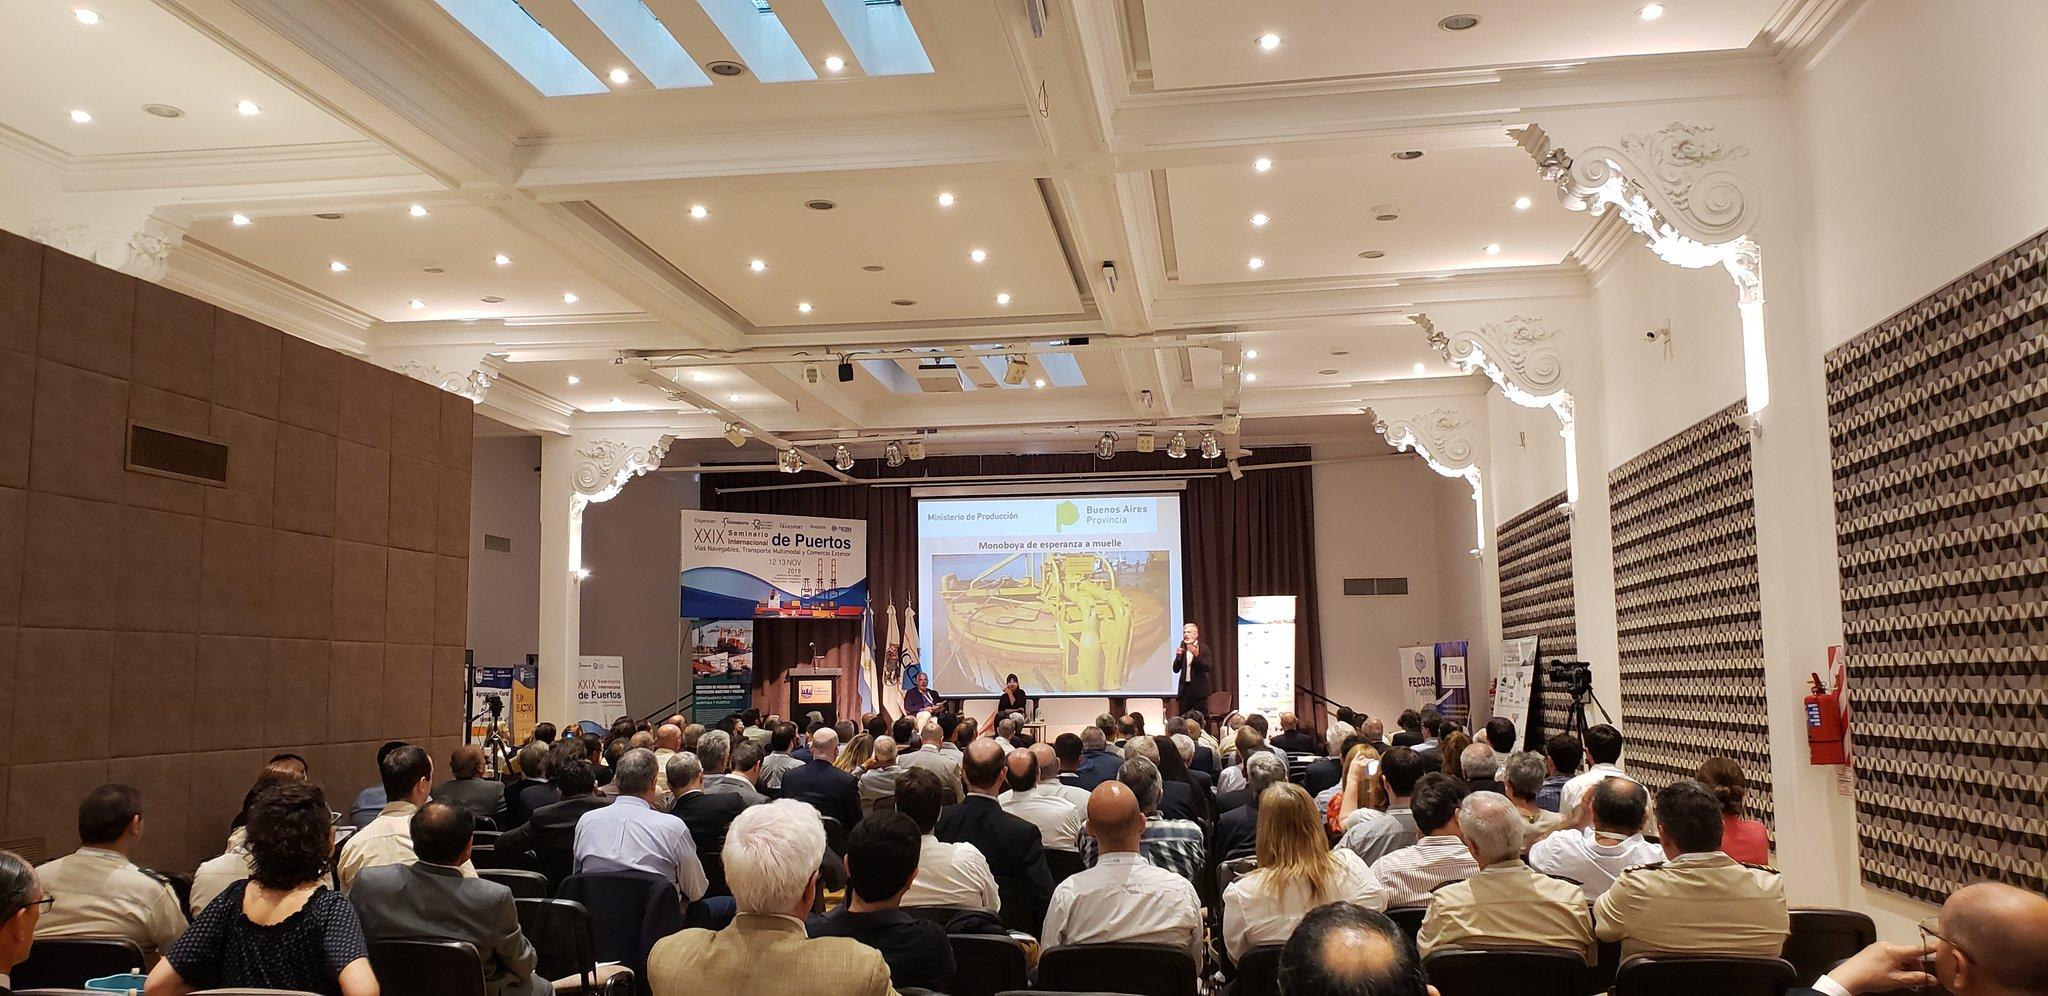 Actores del sector portuario y del transporte de la región se reunieron en el XXIX Seminario Internacional de Puertos, Vías Navegables, y Transporte Multimodal